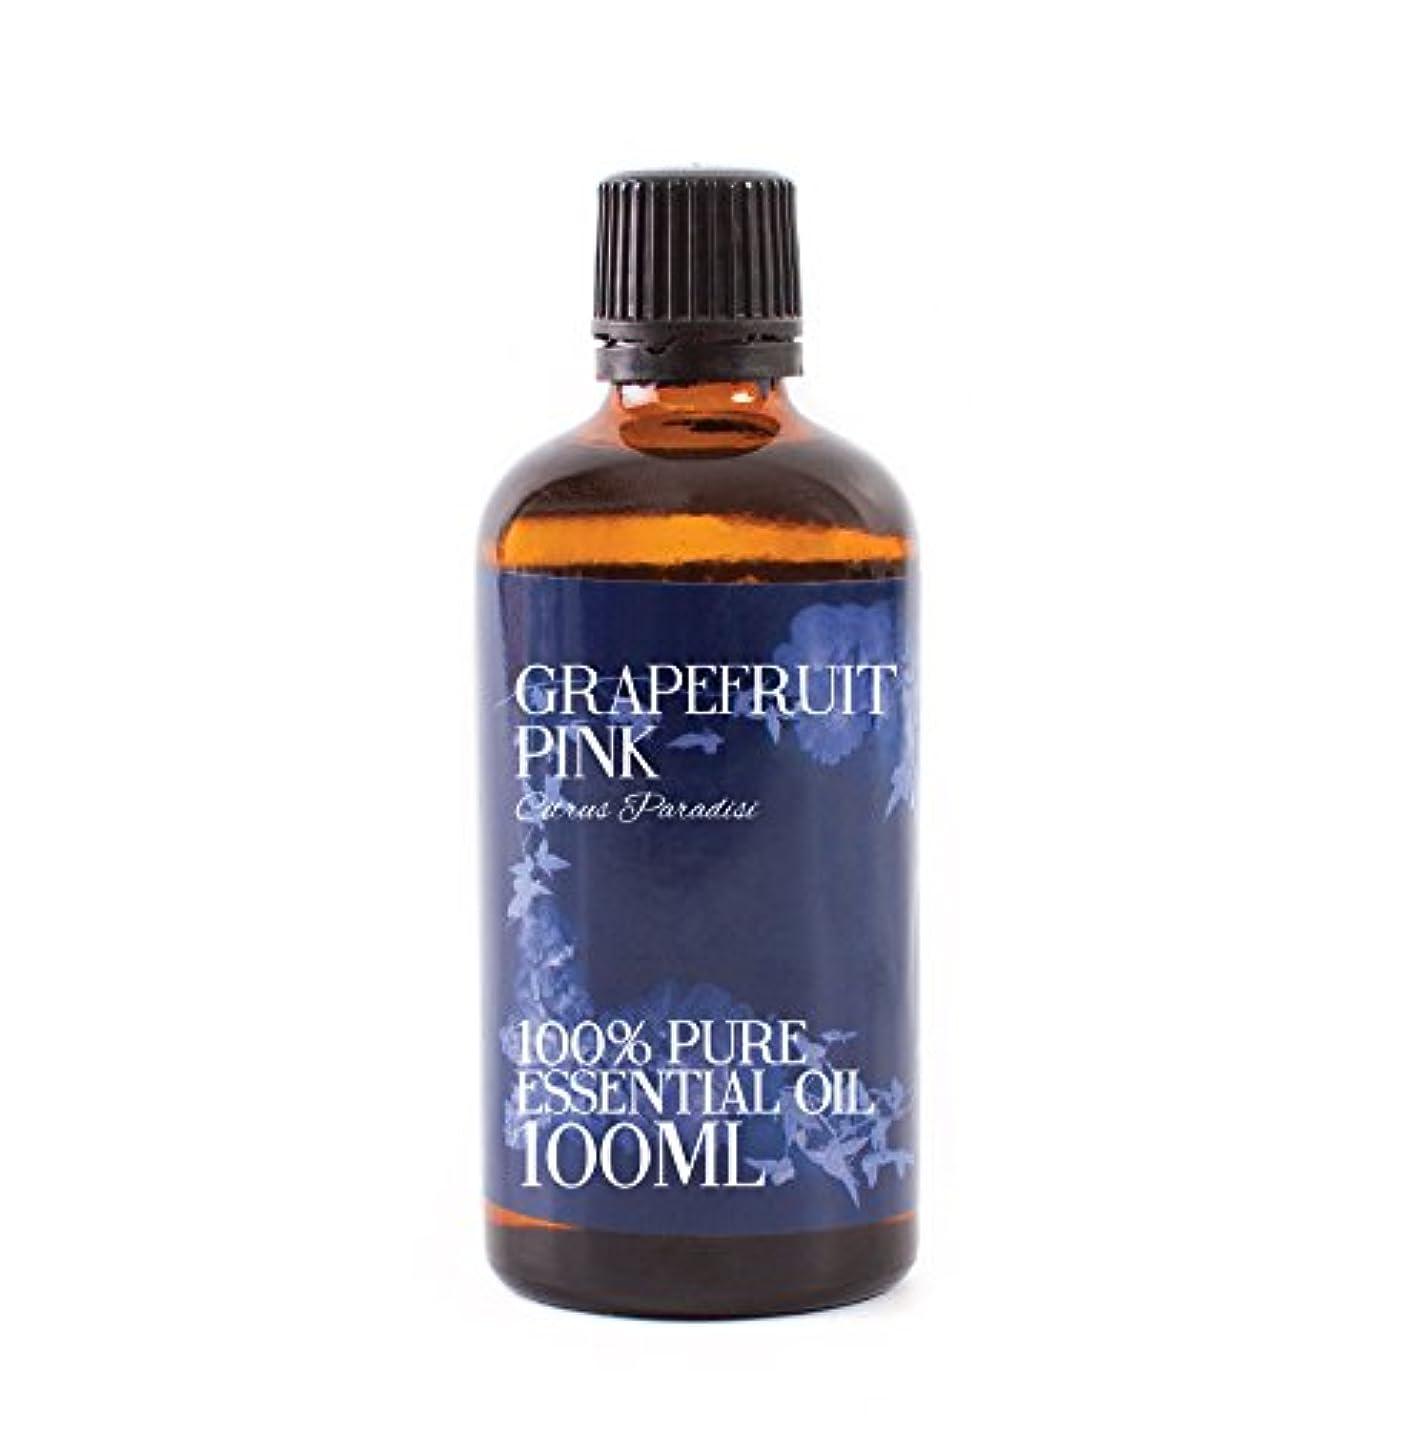 公爵夫人災害くぼみMystic Moments | Grapefruit Pink Essential Oil - 100ml - 100% Pure